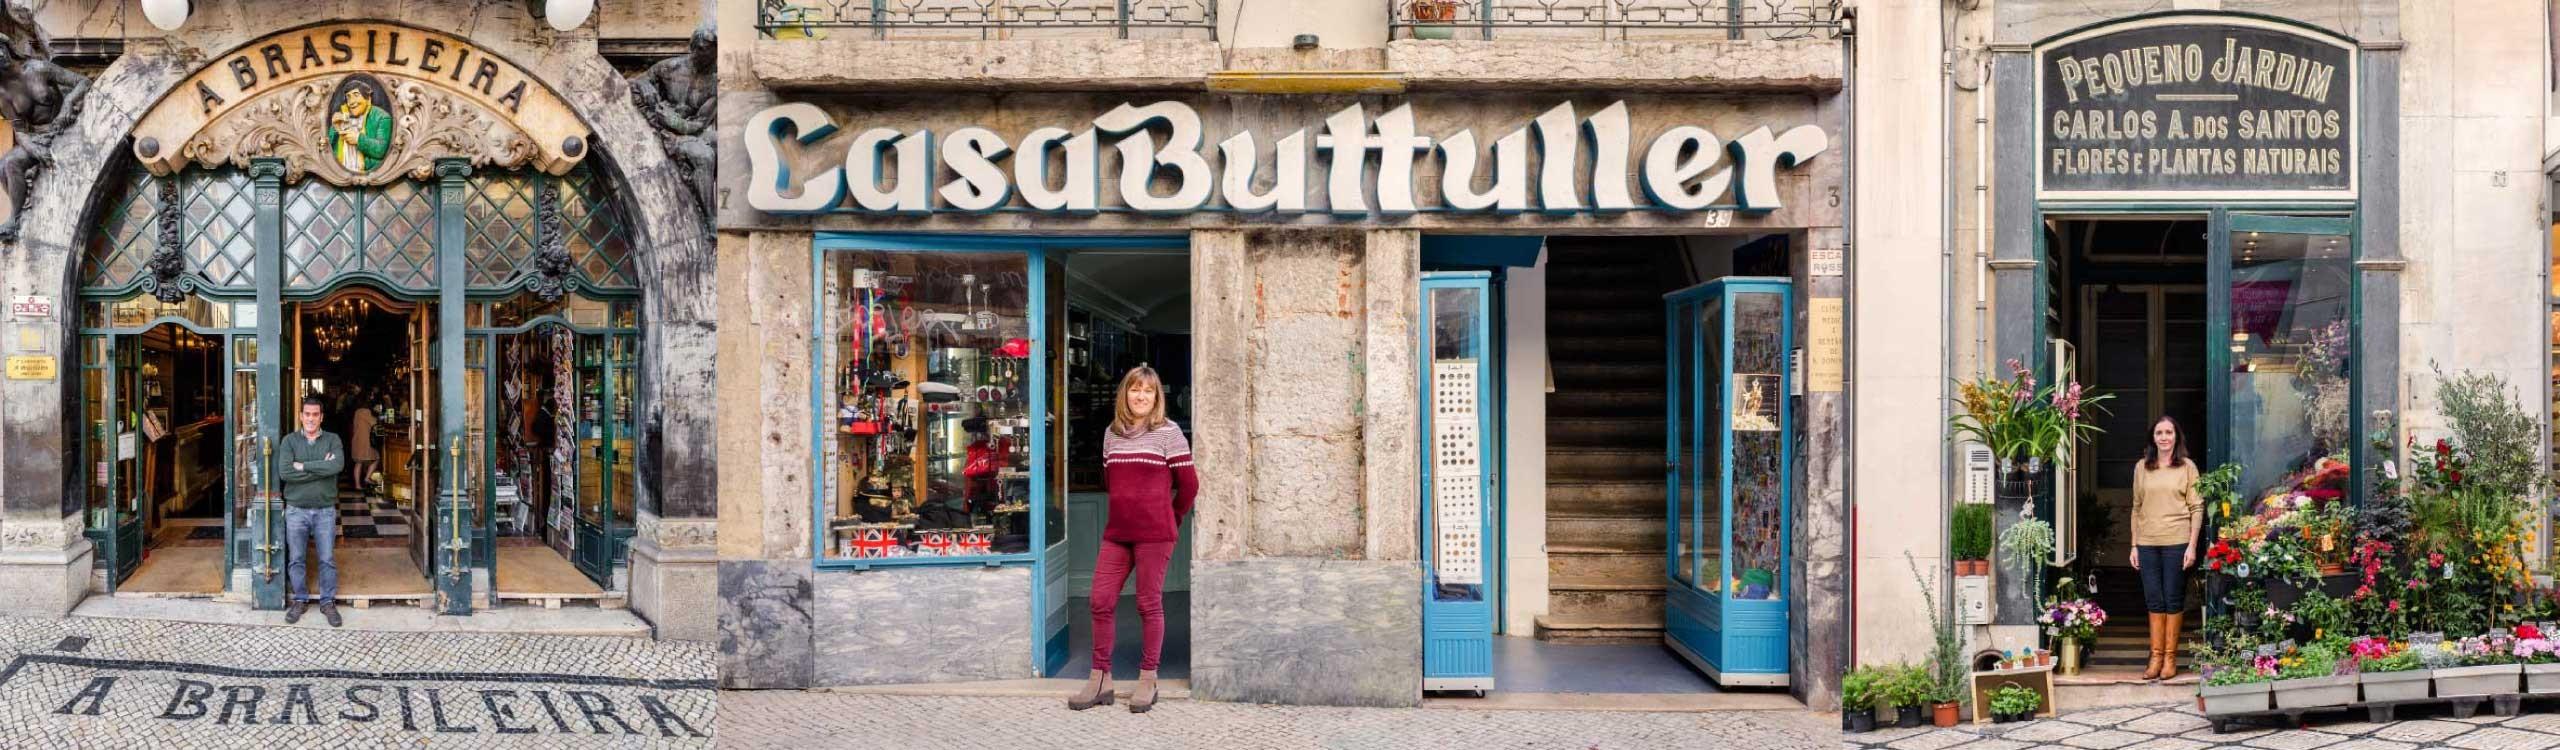 lisboa re-tale, los comercios más bellos de la ciudad fotografiados por sebastian erras